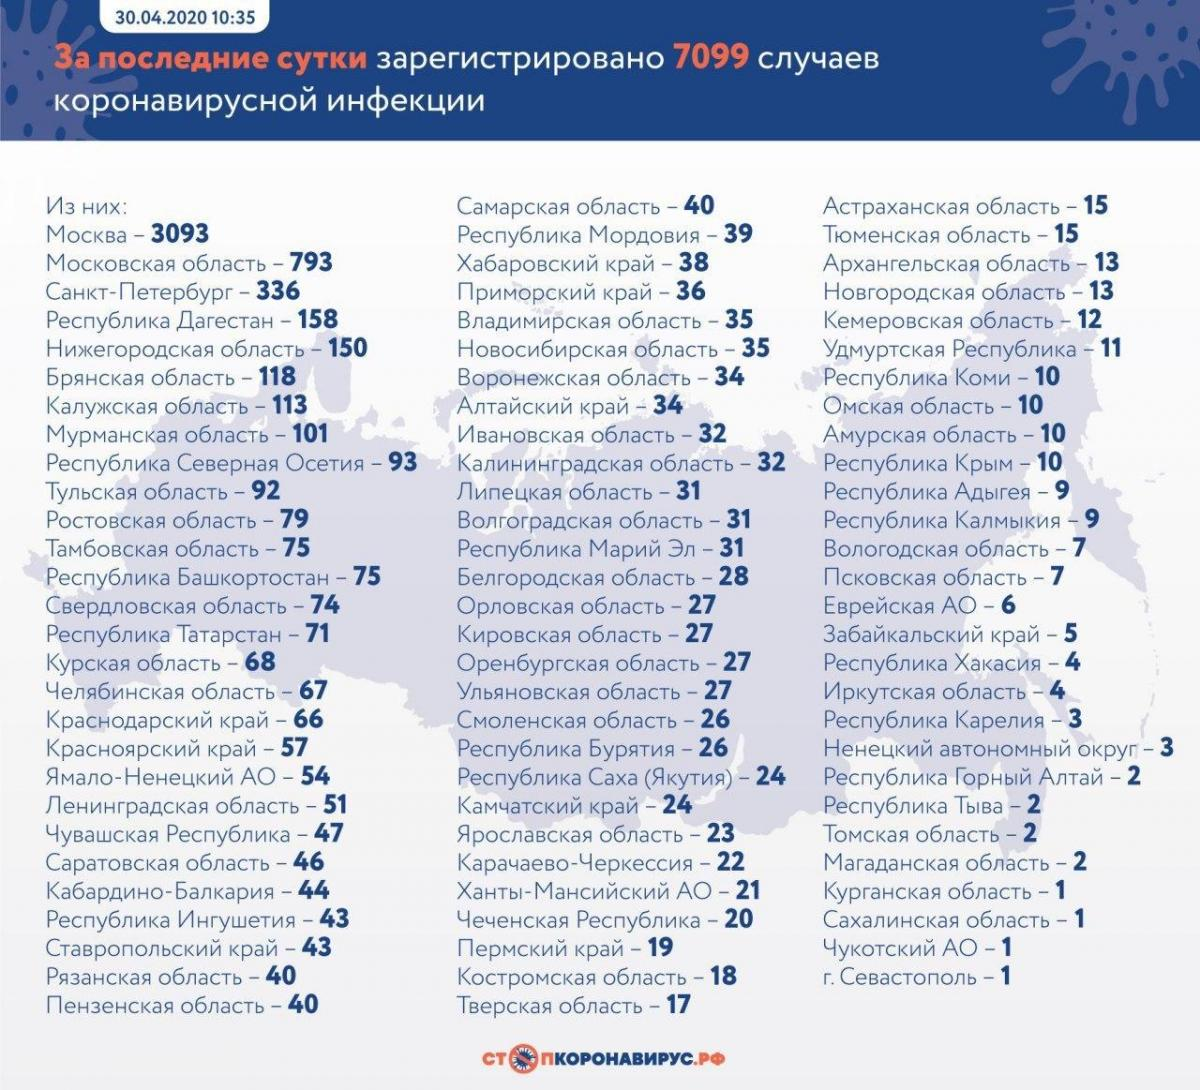 Коронавірус в Росії статистика по регіонах